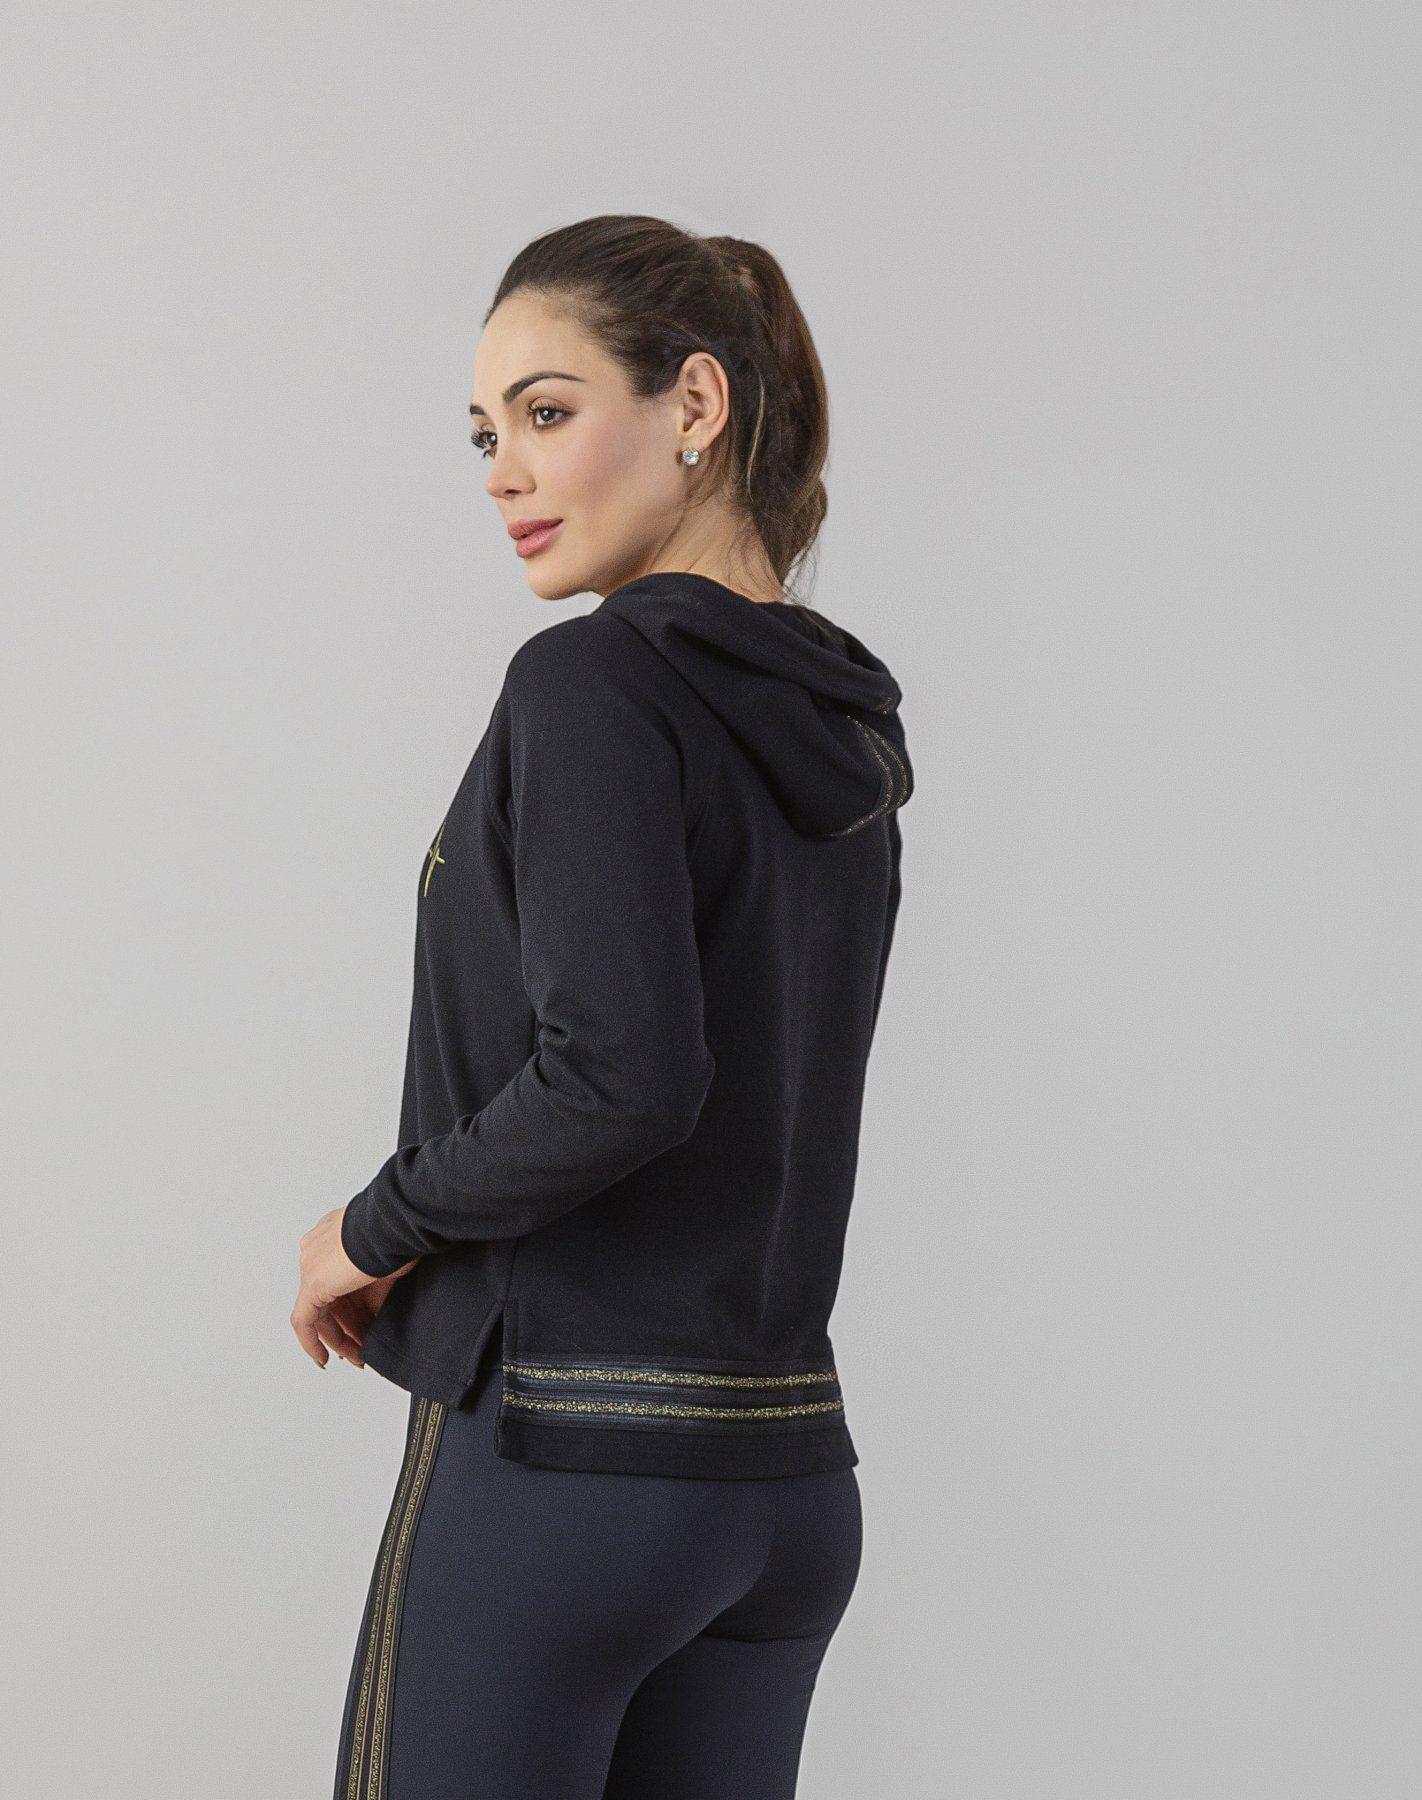 Blusão Sport Fleece Listras